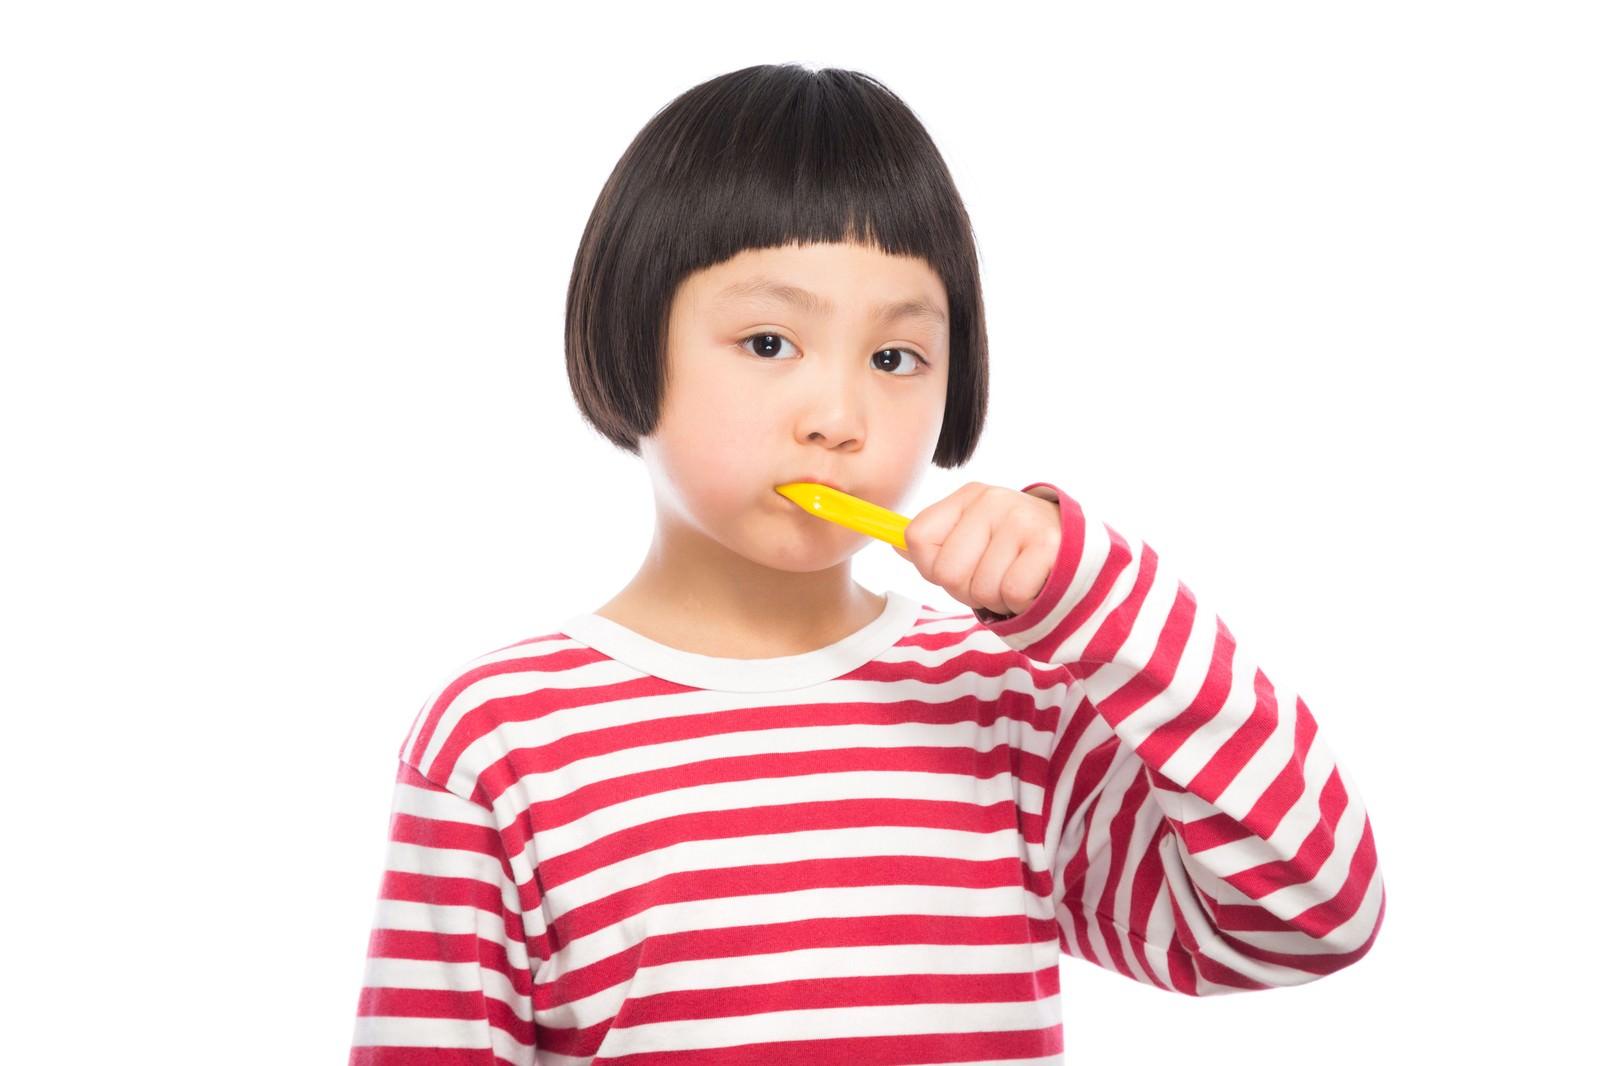 「歯磨きの練習をする女の子歯磨きの練習をする女の子」[モデル:ゆうき]のフリー写真素材を拡大